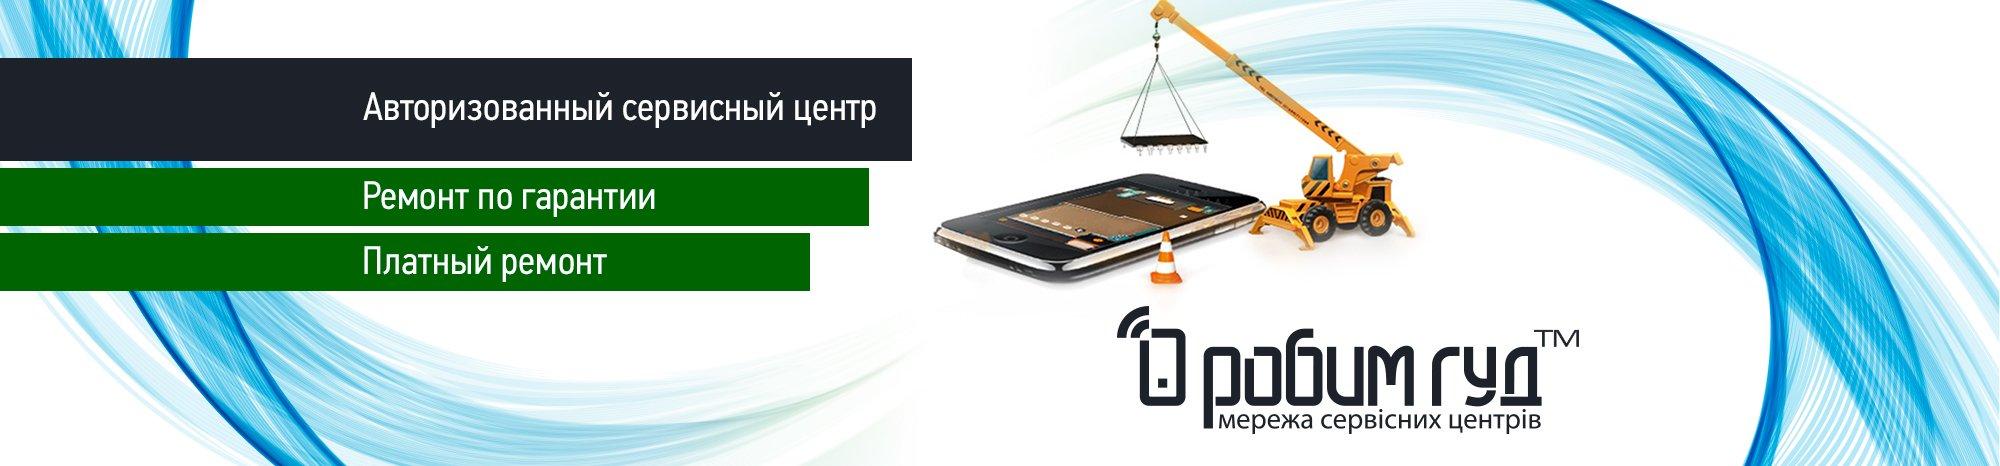 Сервисный центр samsung киев на лепсе - ремонт в Москве замена на телефоне стекла цена - ремонт в Москве